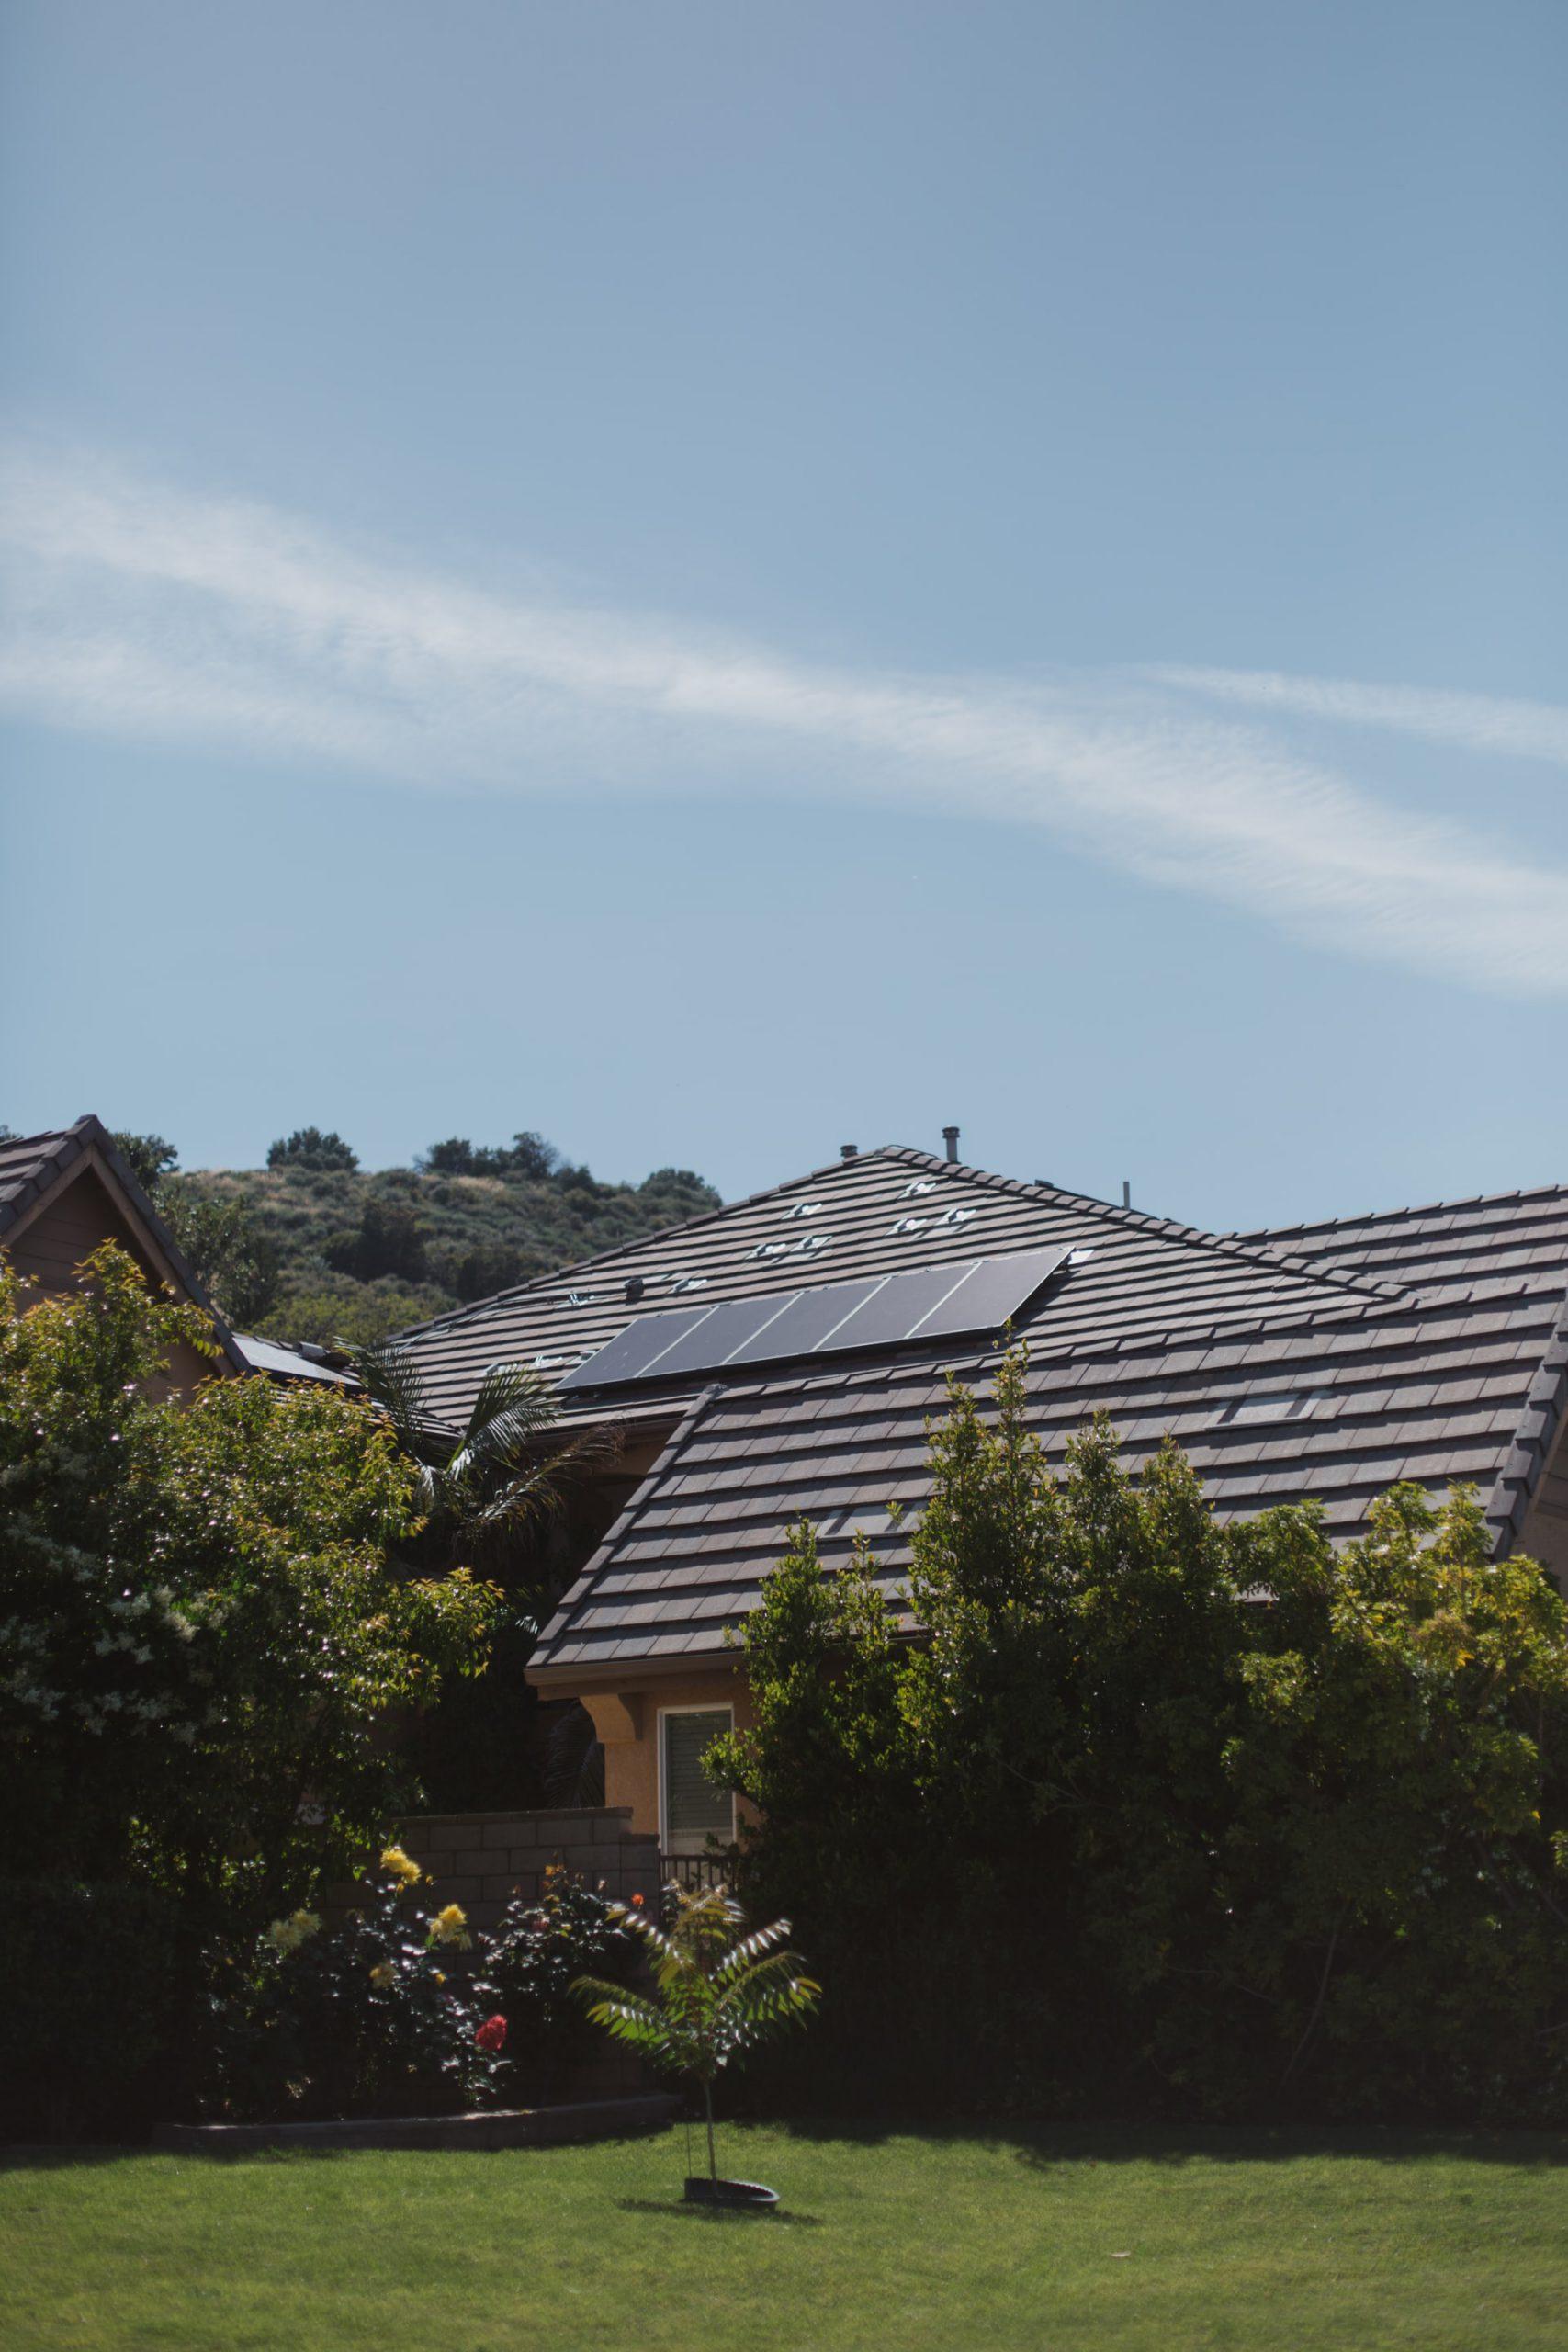 duurzame woning met zonnepanelen